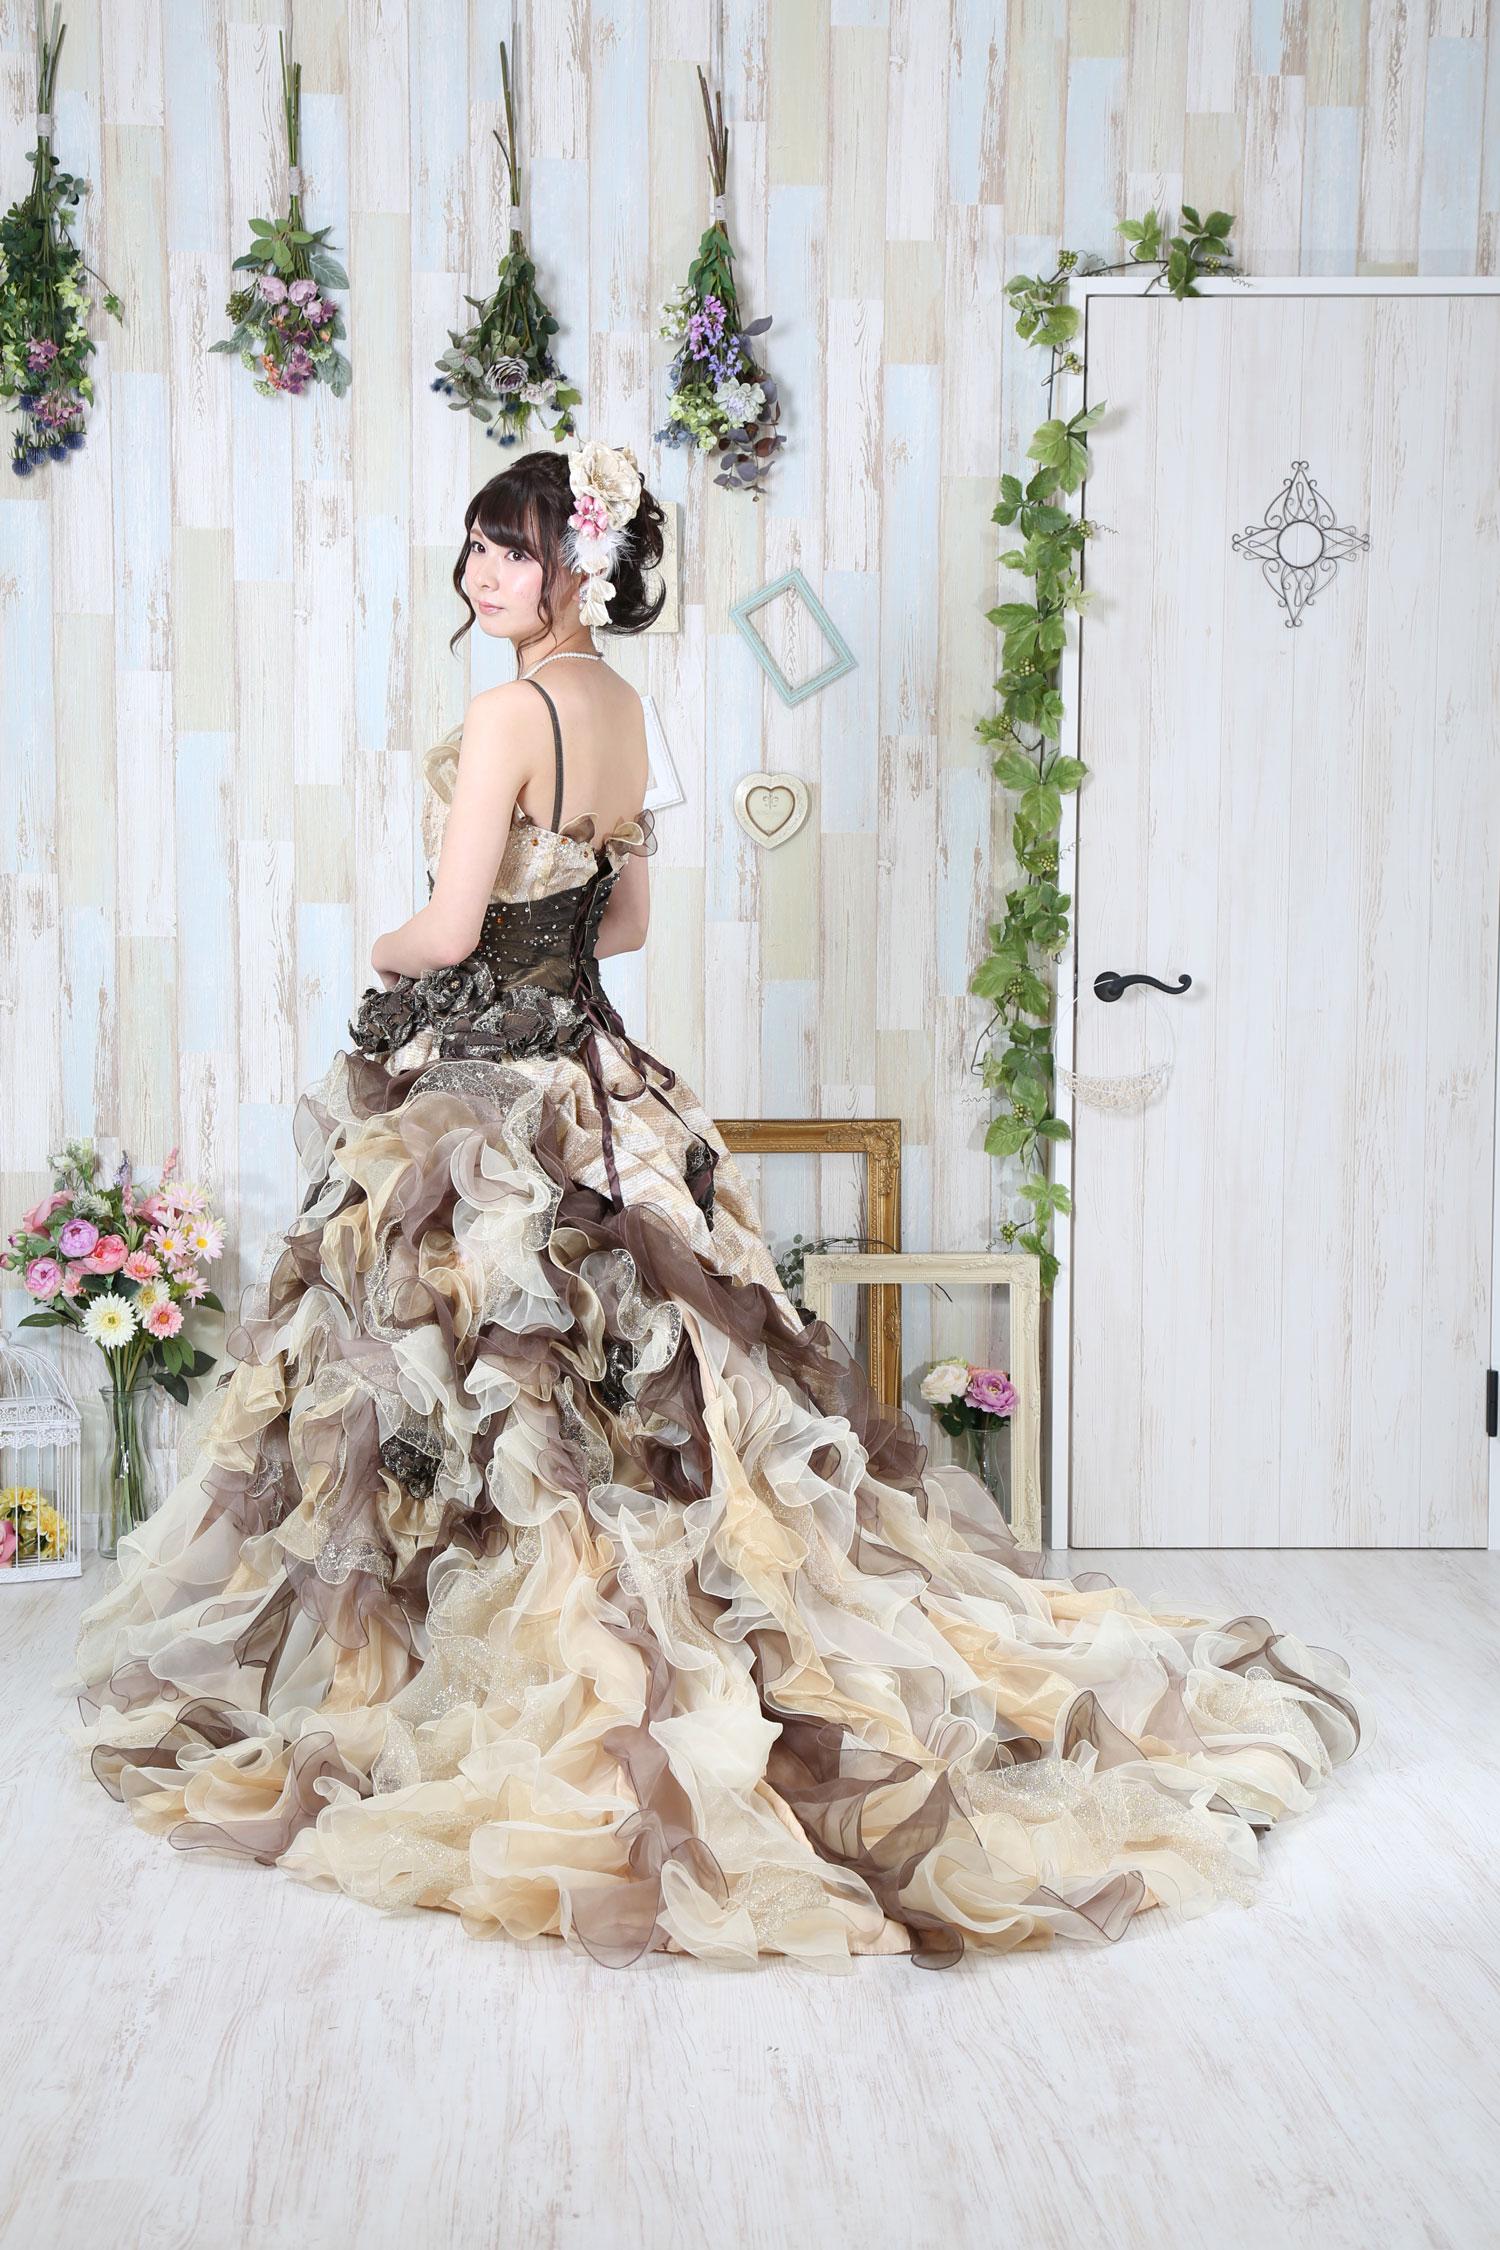 ★20180211-ドレス衣装撮影_250